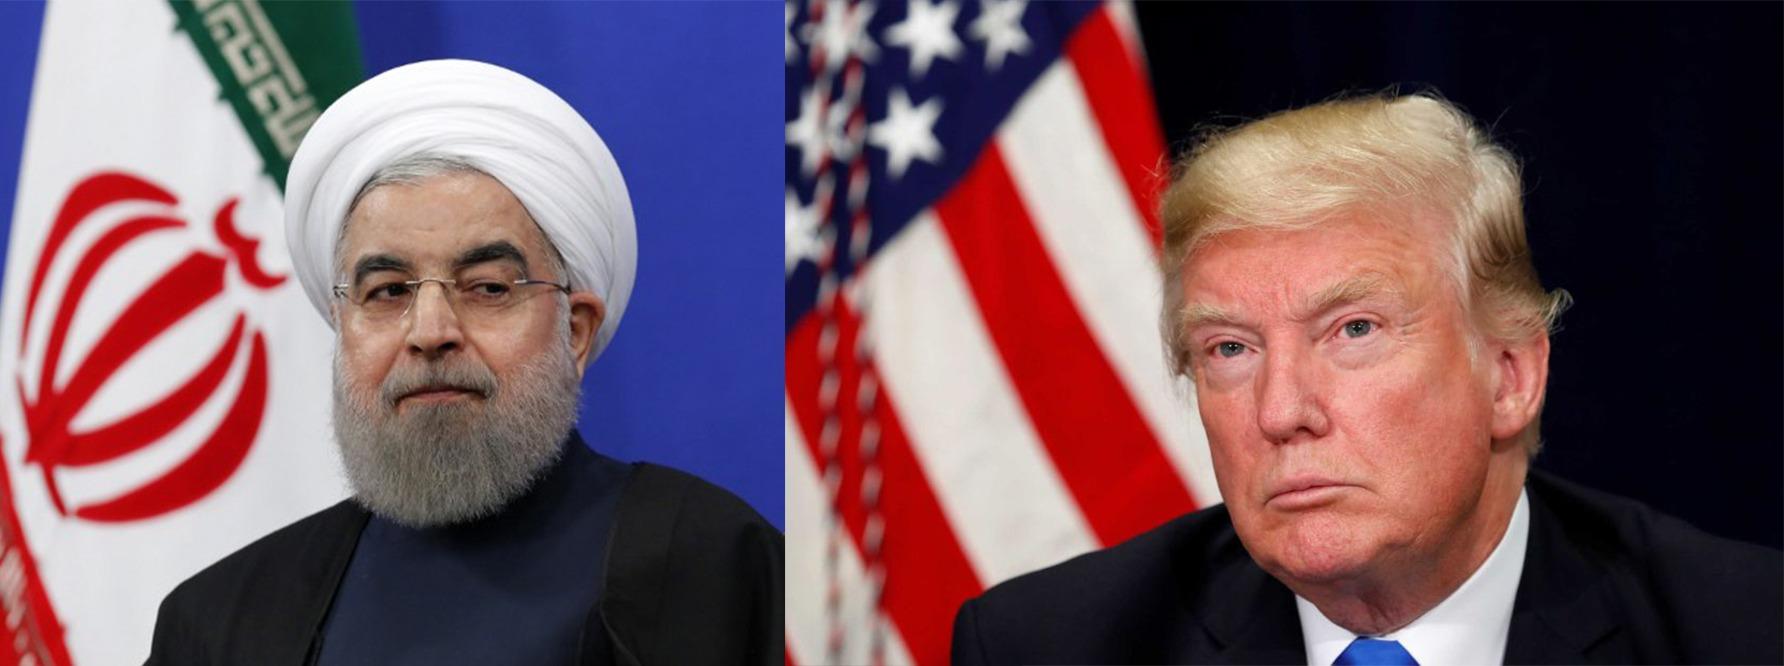 Nucléaire Iranien: Donald Trump, trouble-fête ou catalyseur?